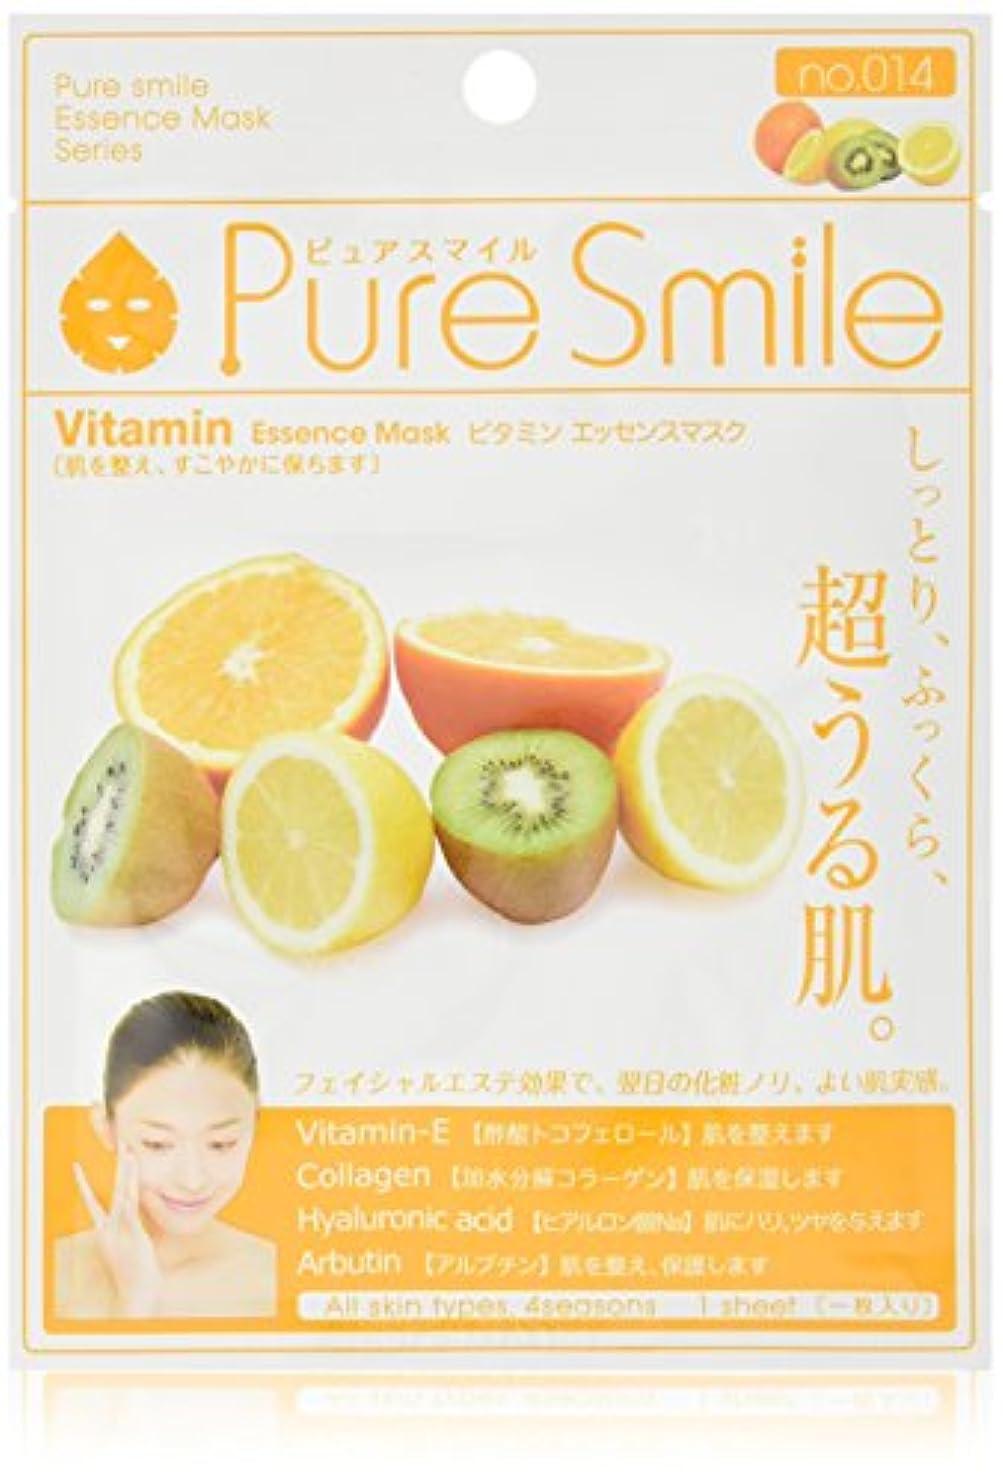 従順な縮れた抗生物質Pure Smile ピュアスマイル エッセンスマスク ビタミン 6枚セット